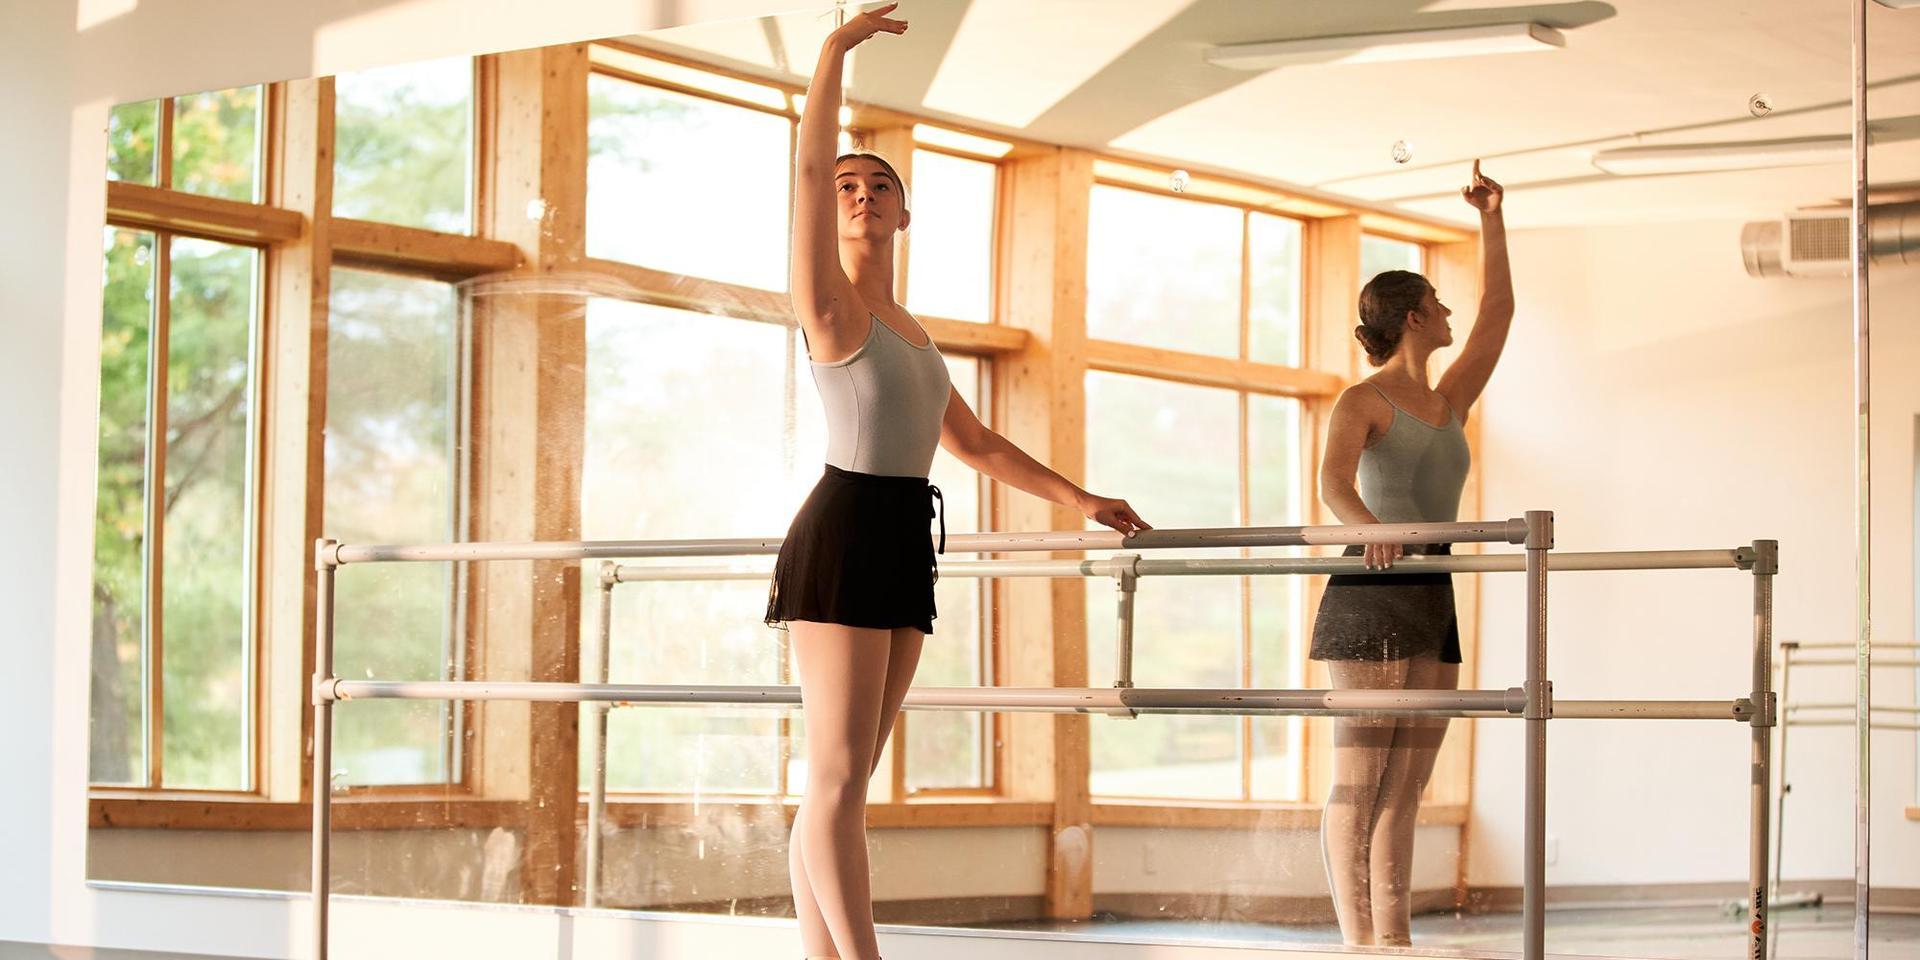 一名学生在A室的镜子前练习.